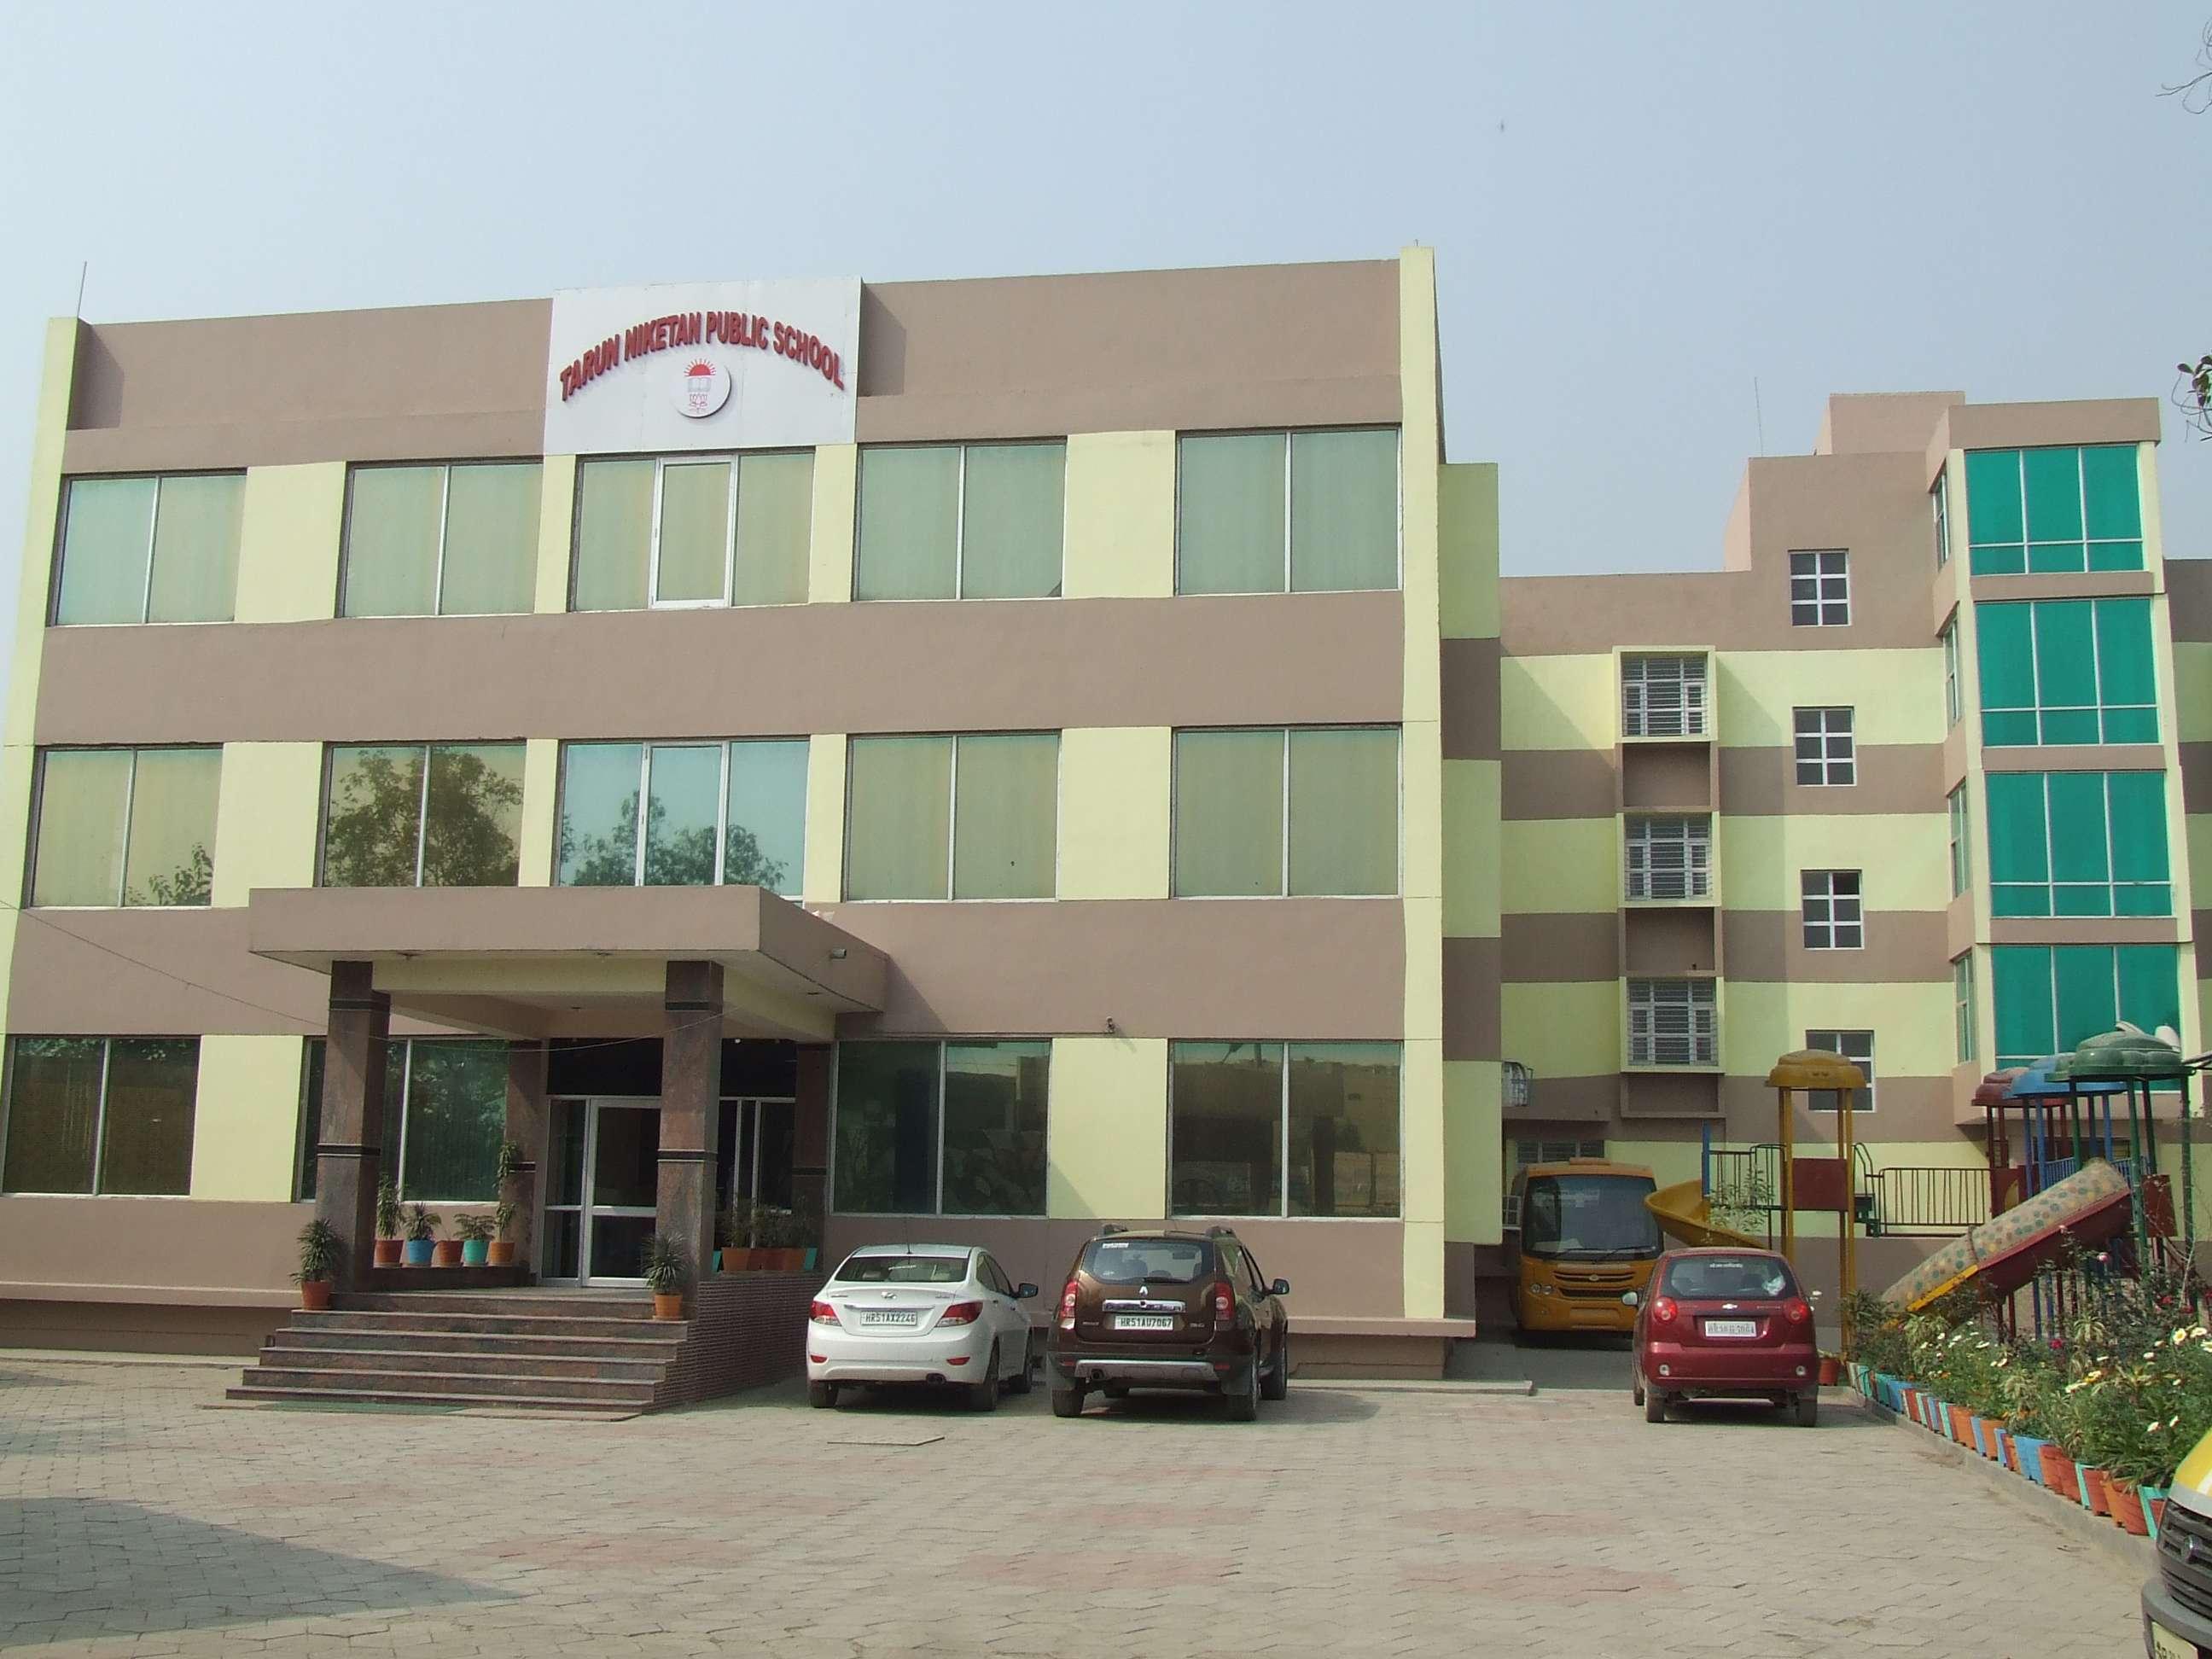 TARUN NIKETAN PUBLIC SCHOOL VILL PALLA NO 1 P O TILPAT DISTT FARIDABAD 530833